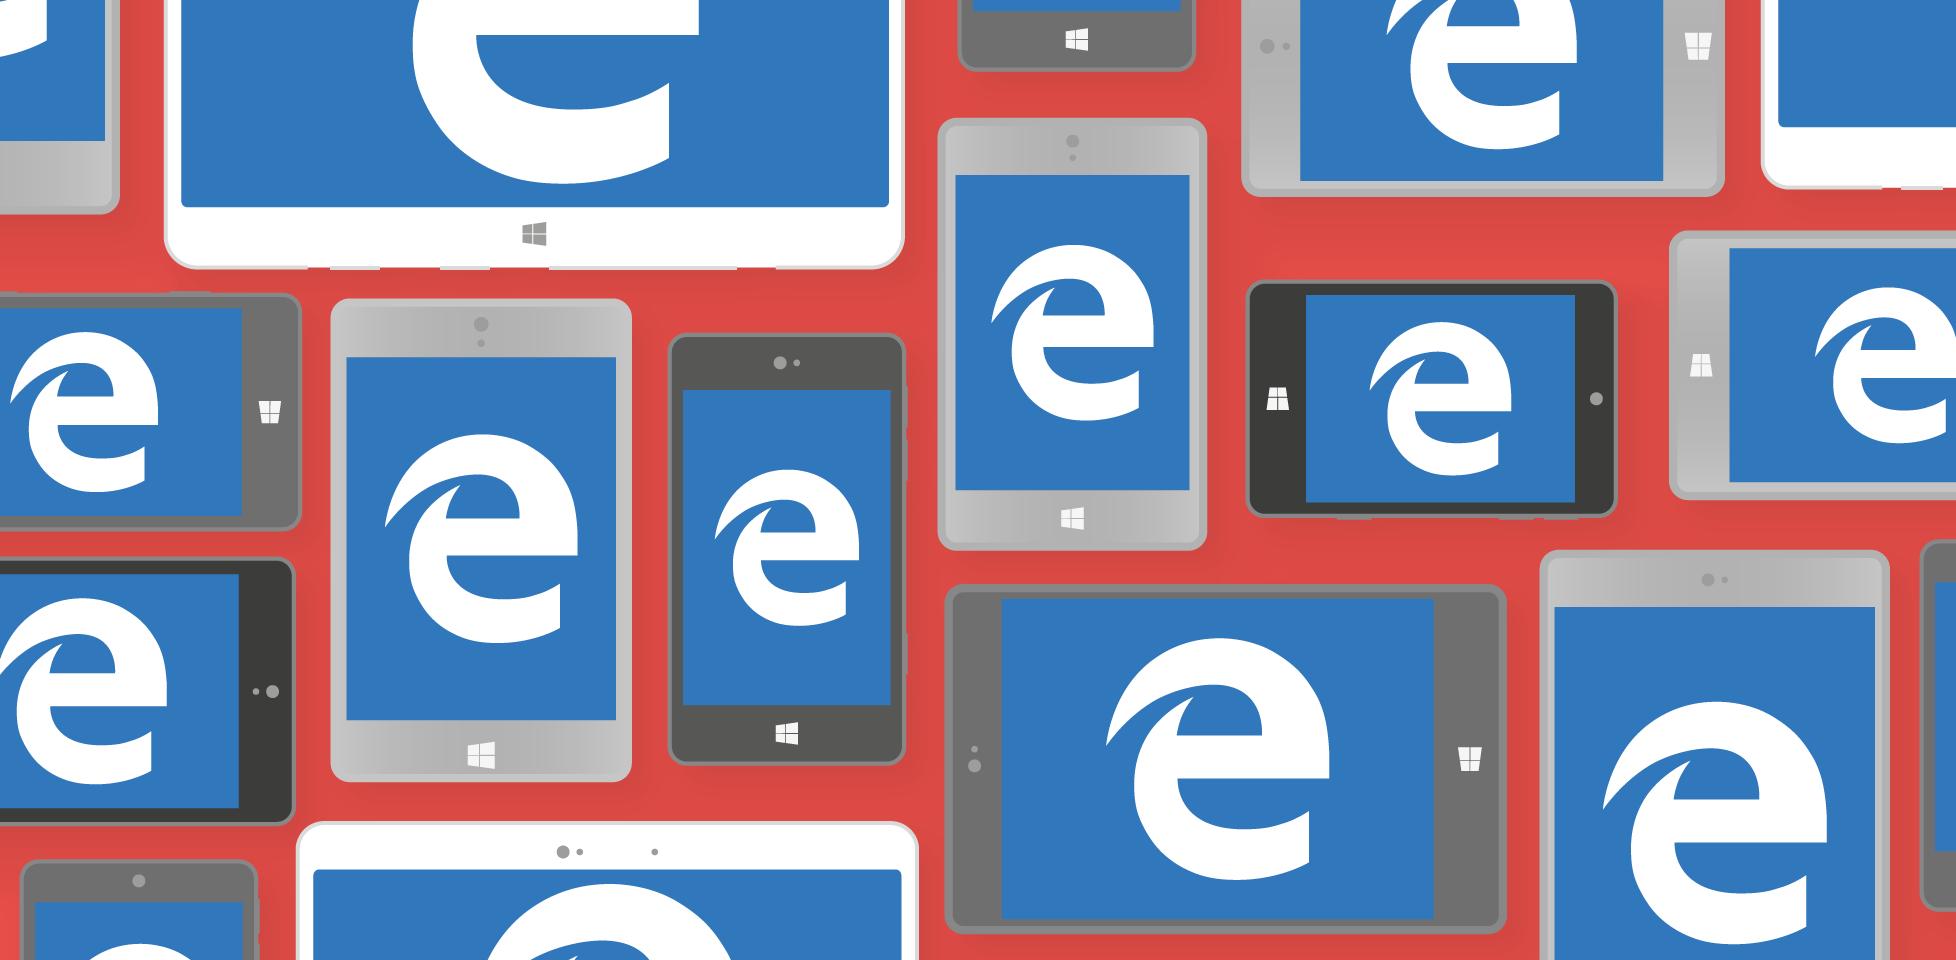 Разработчики Microsoft Edge ответили на вопросы пользователей Twitter, рассказав о будущем расширений и многом другом